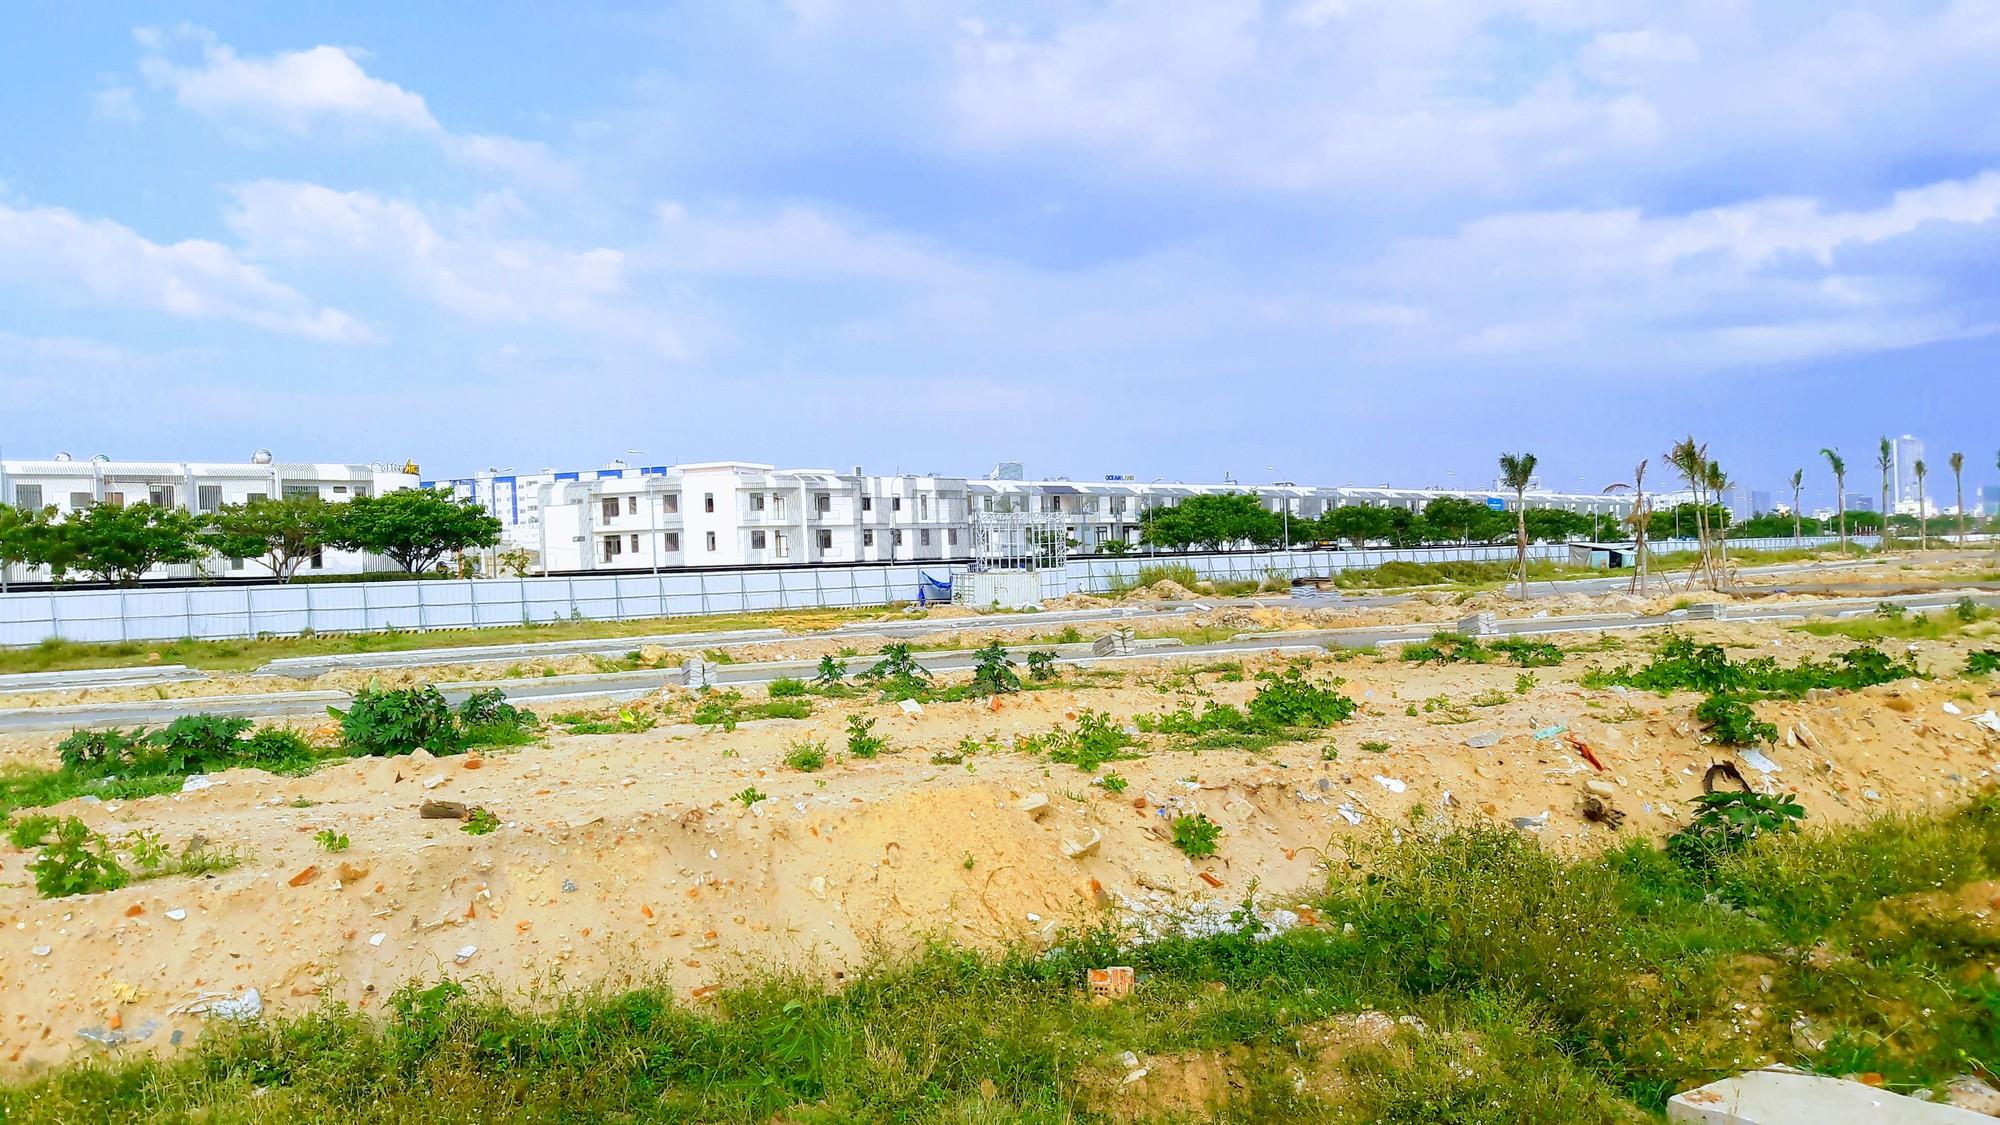 Chủ đầu tư hai dự án bất động sản lấn sông Hàn thống nhất dành khu ven sông làm công viên, lối đi bộ - Ảnh 5.